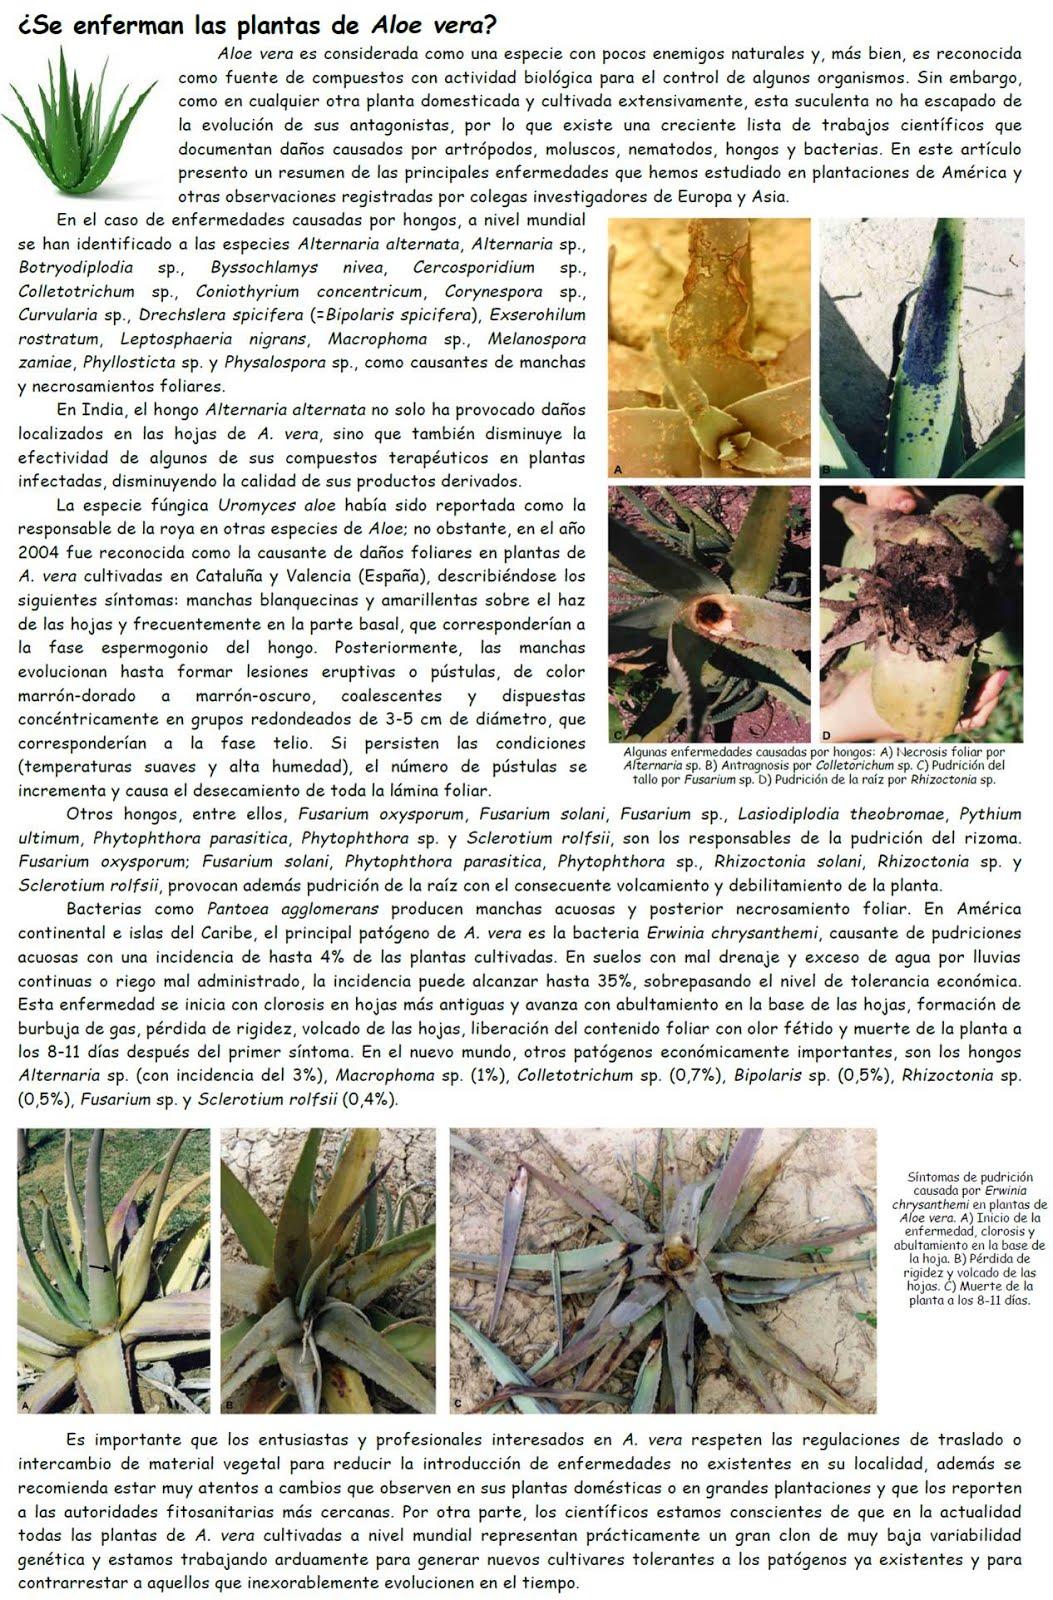 ¿Se enferman los Aloes?